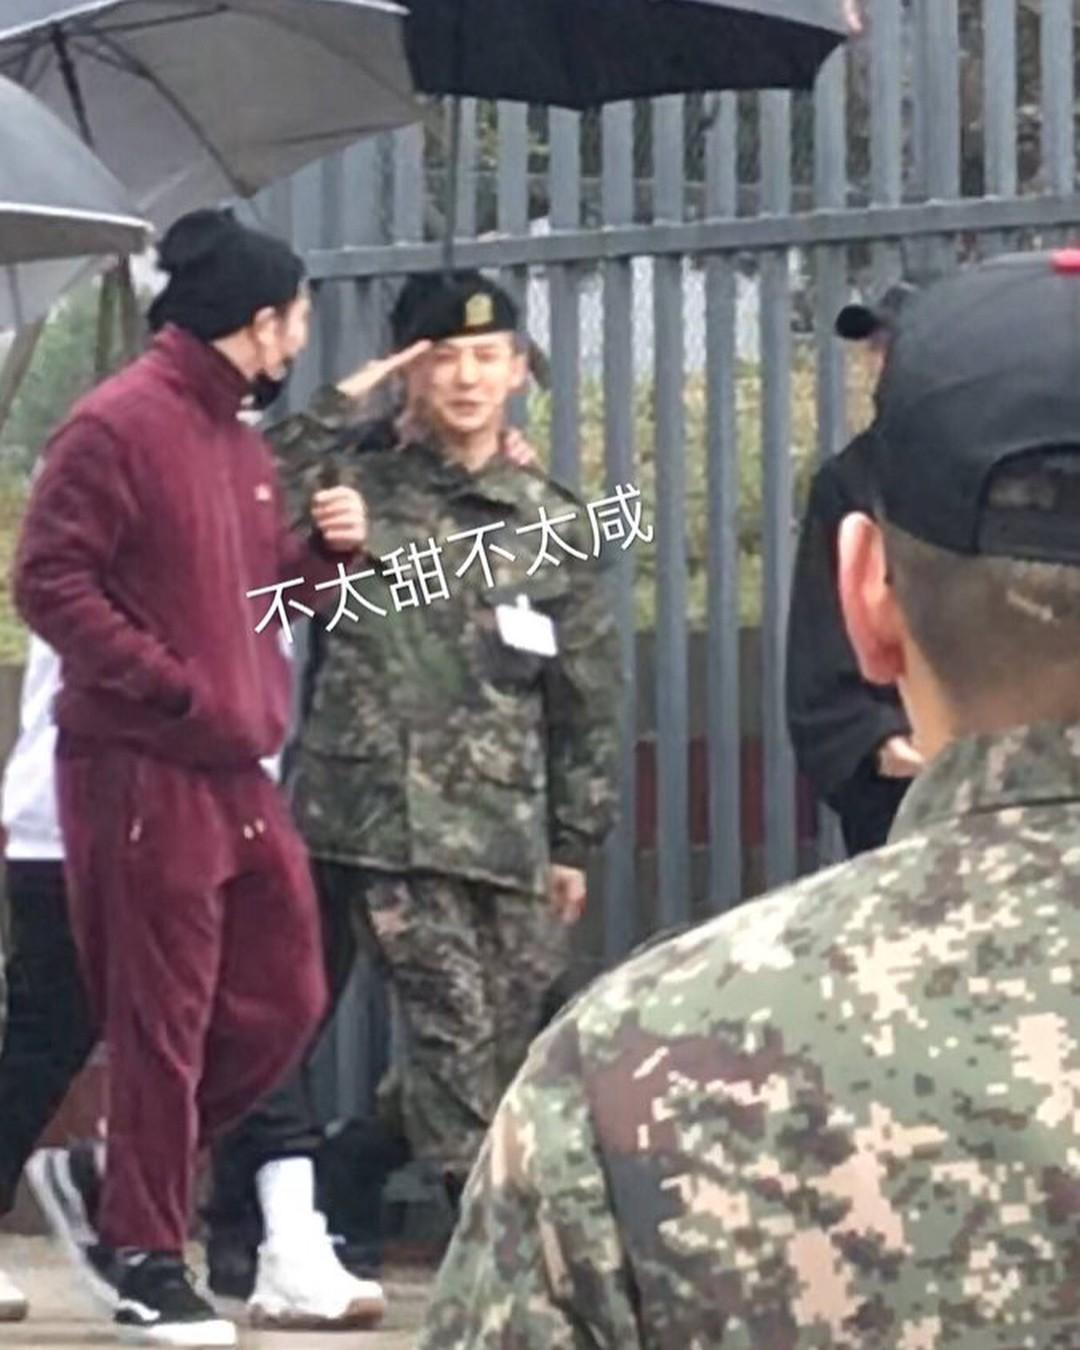 Dân tình giật mình trước loạt ảnh G-Dragon hớn hở trong quân ngũ, Sơn Tùng M-TP đi ngay cạnh? - Ảnh 1.